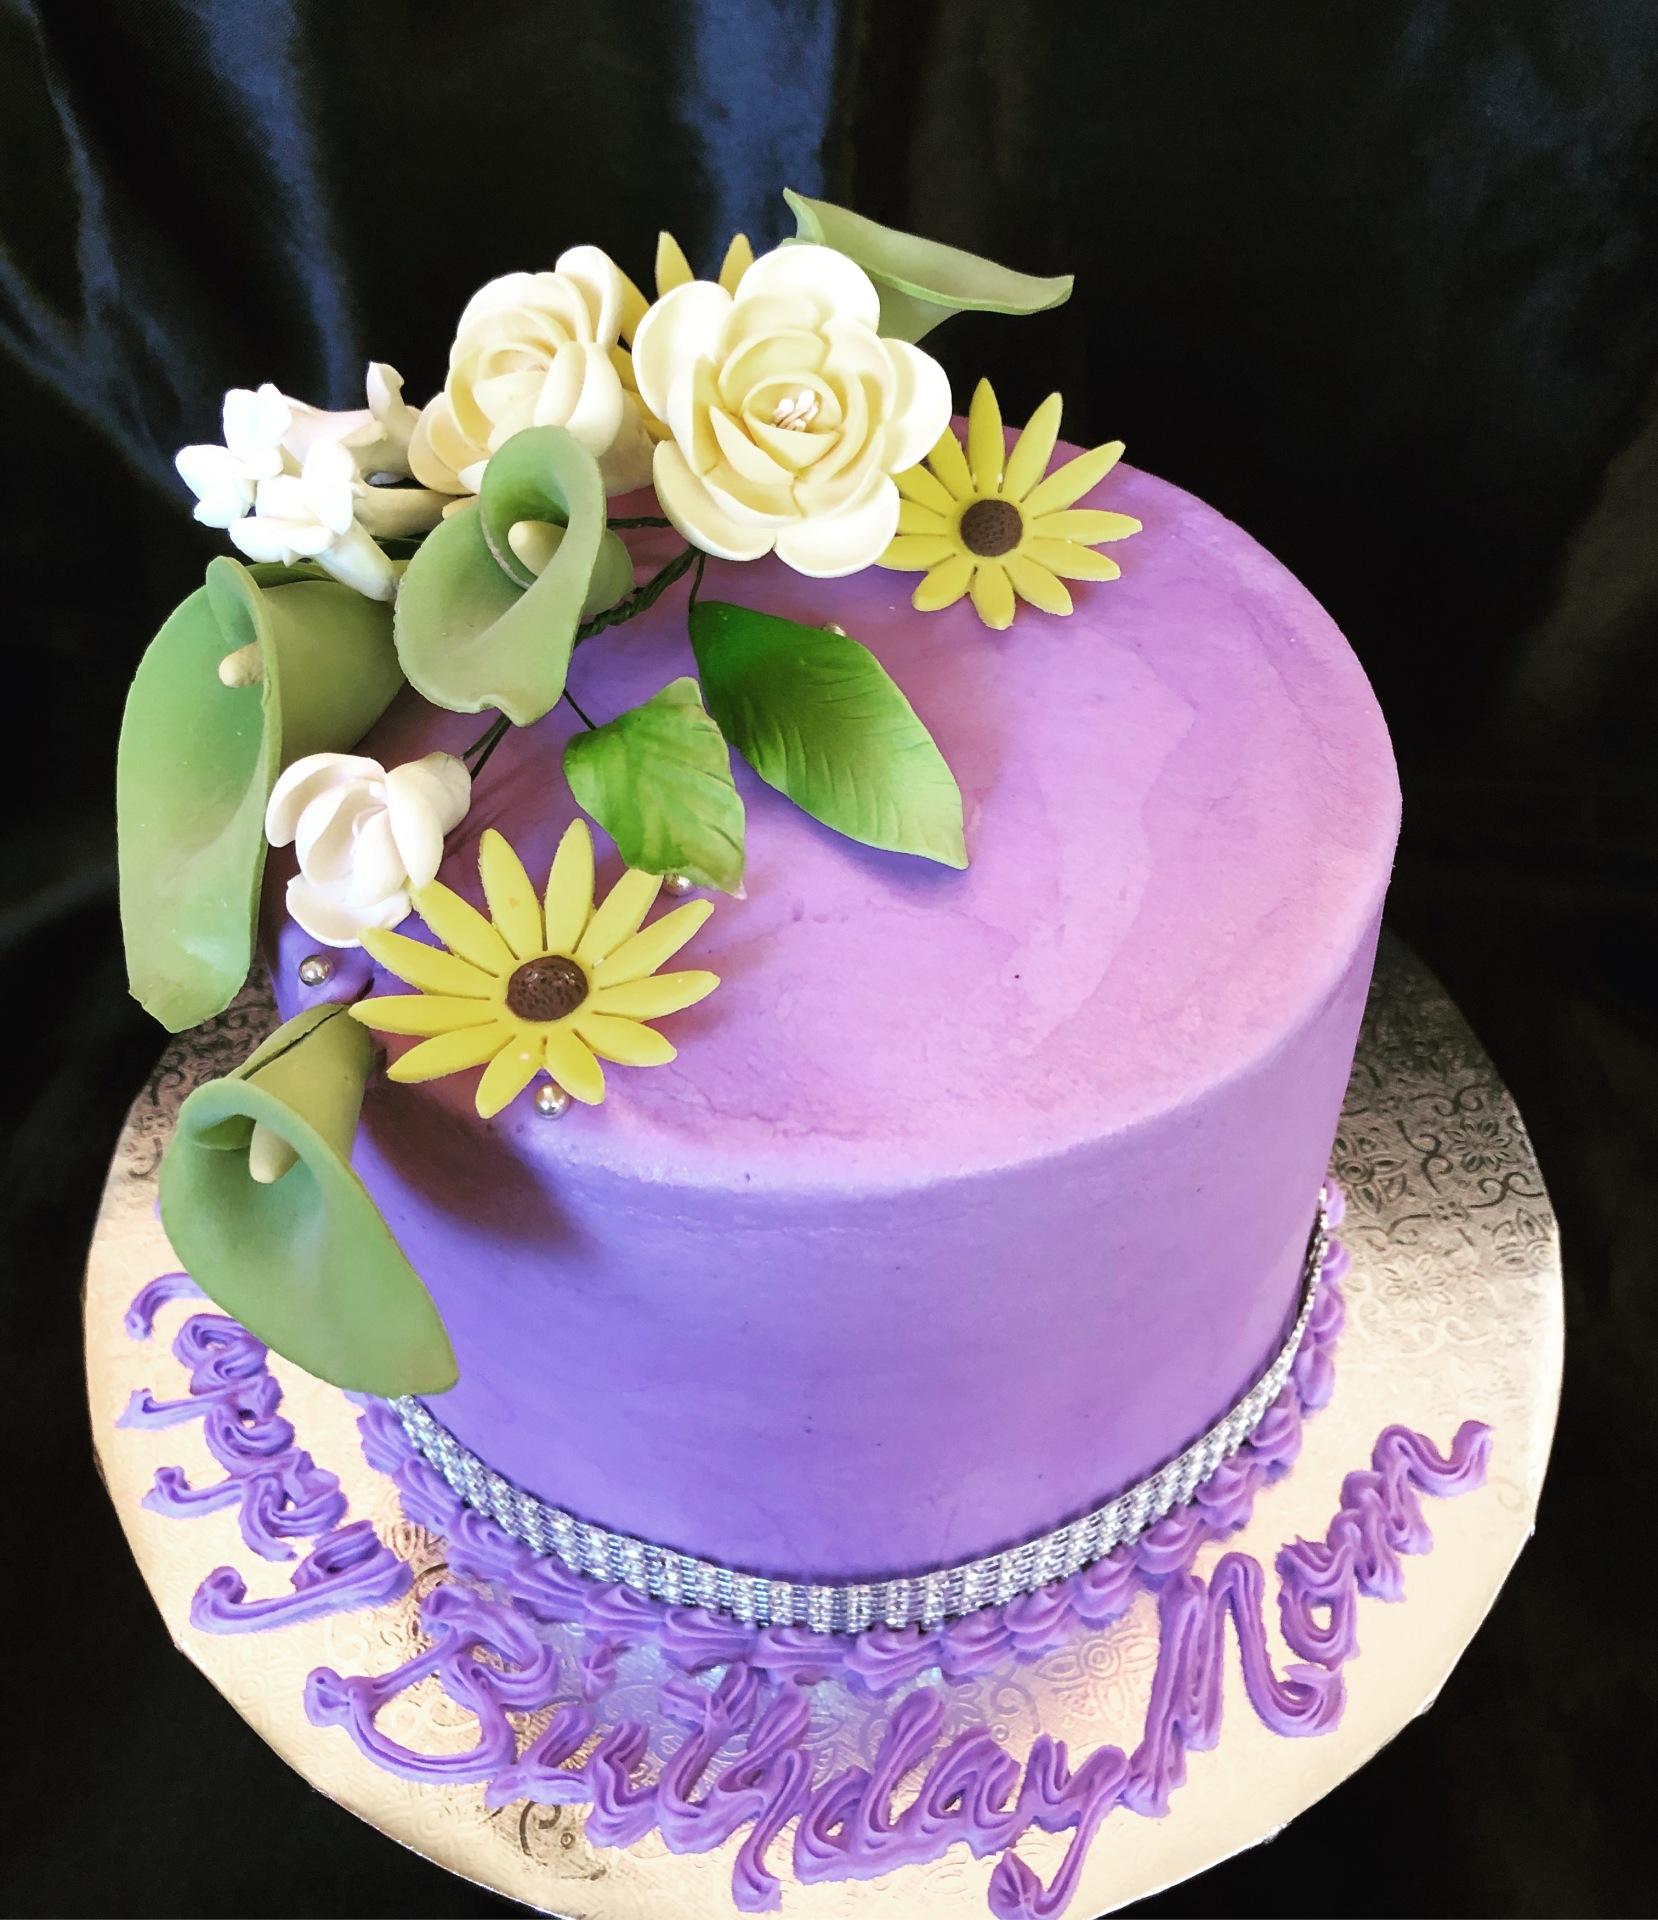 Buttercream cake with gumpaste flower spray